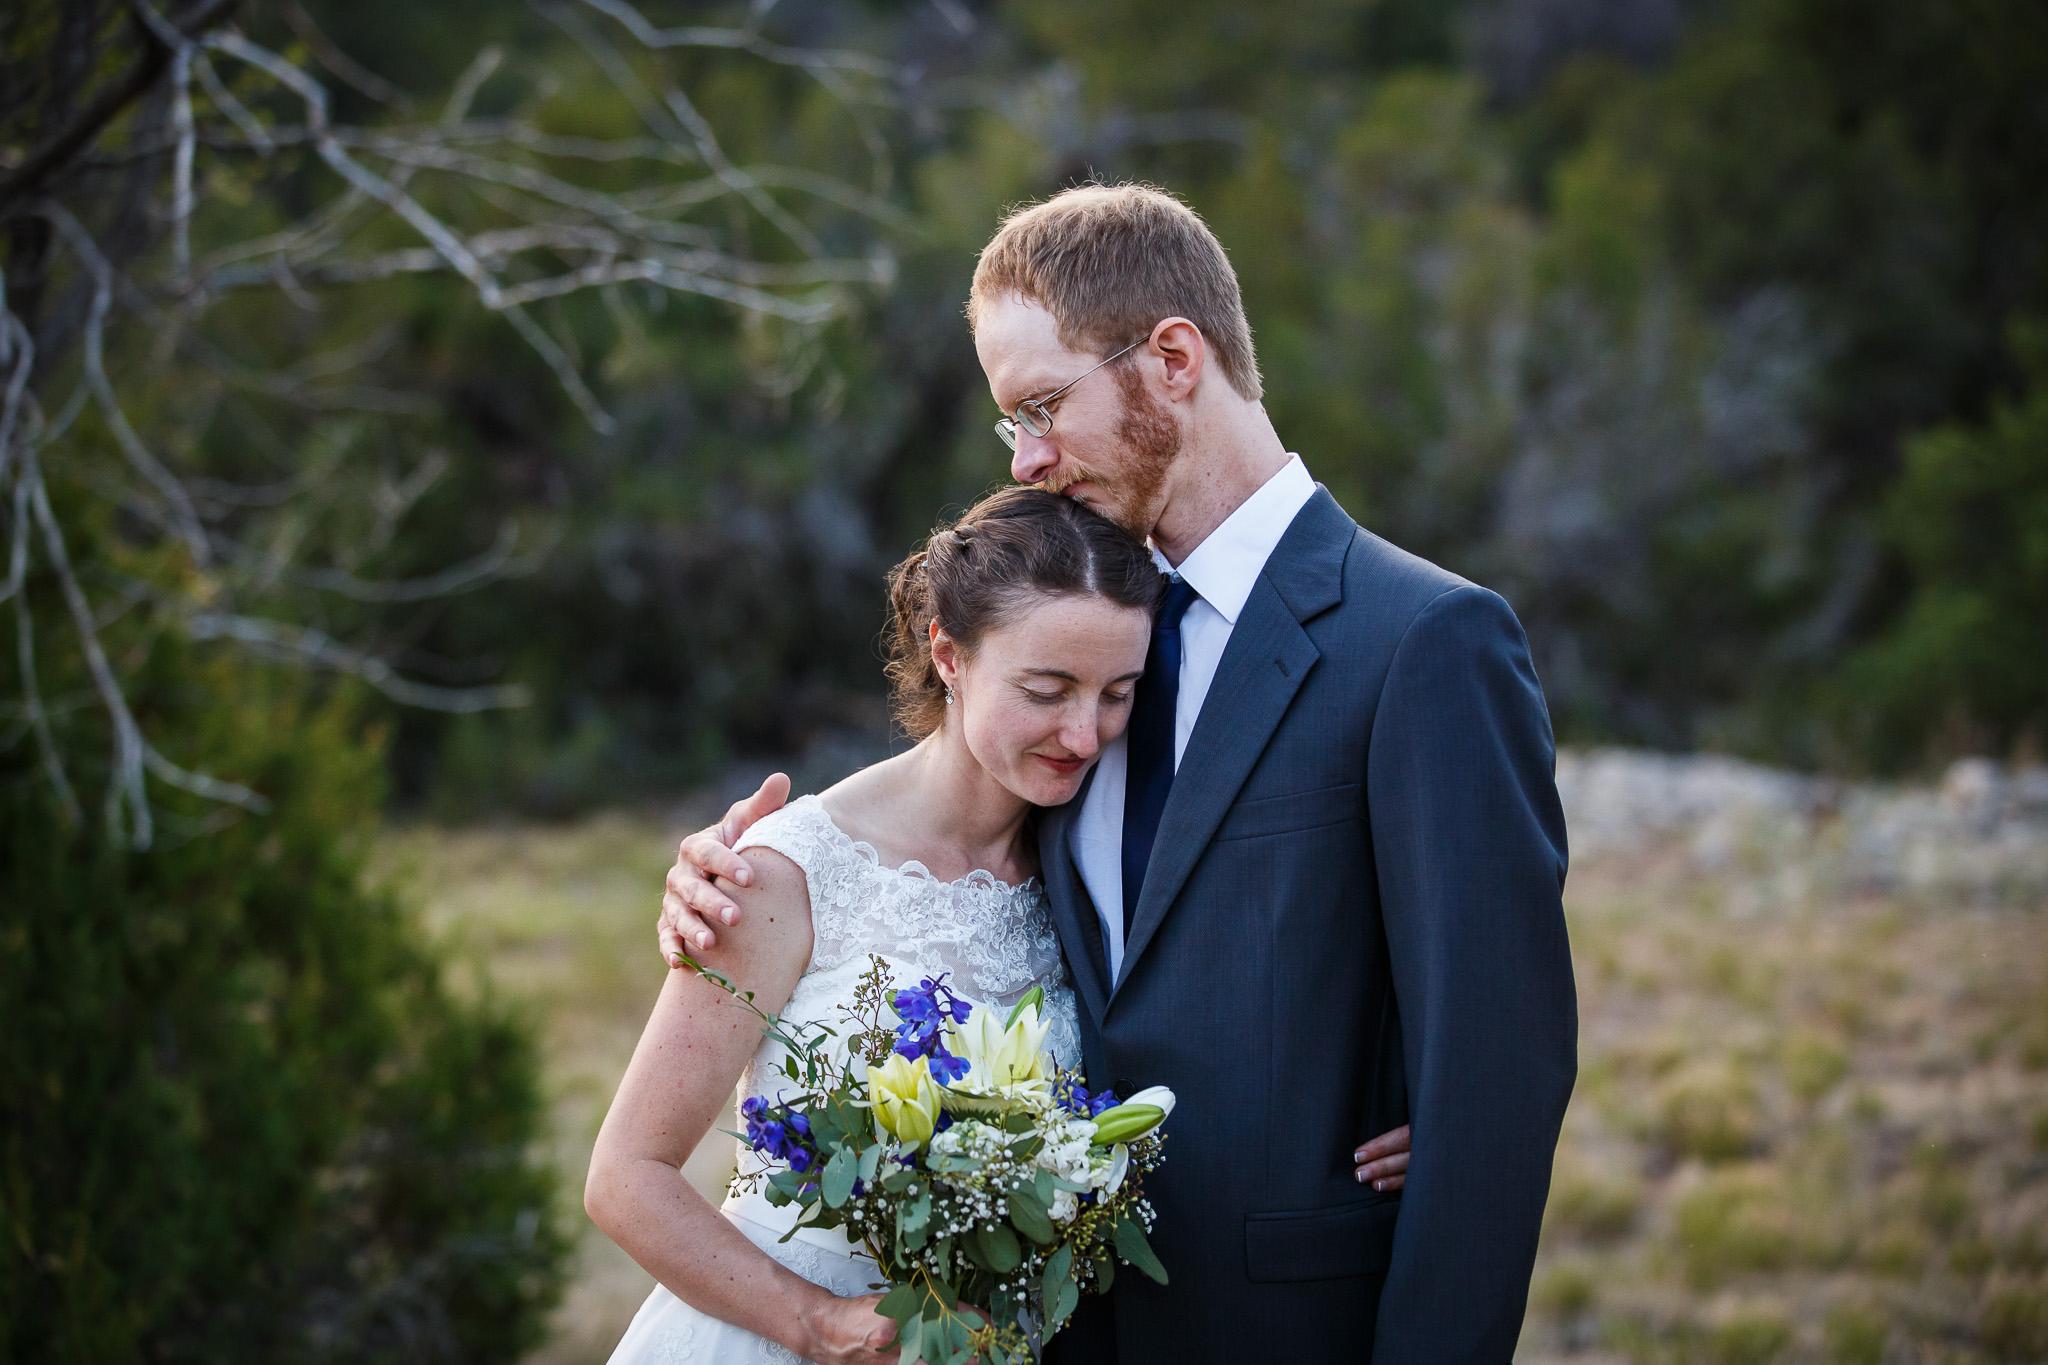 wedding-albuquerque-tijeras-ywca-pinon-canyon-center-0542.jpg